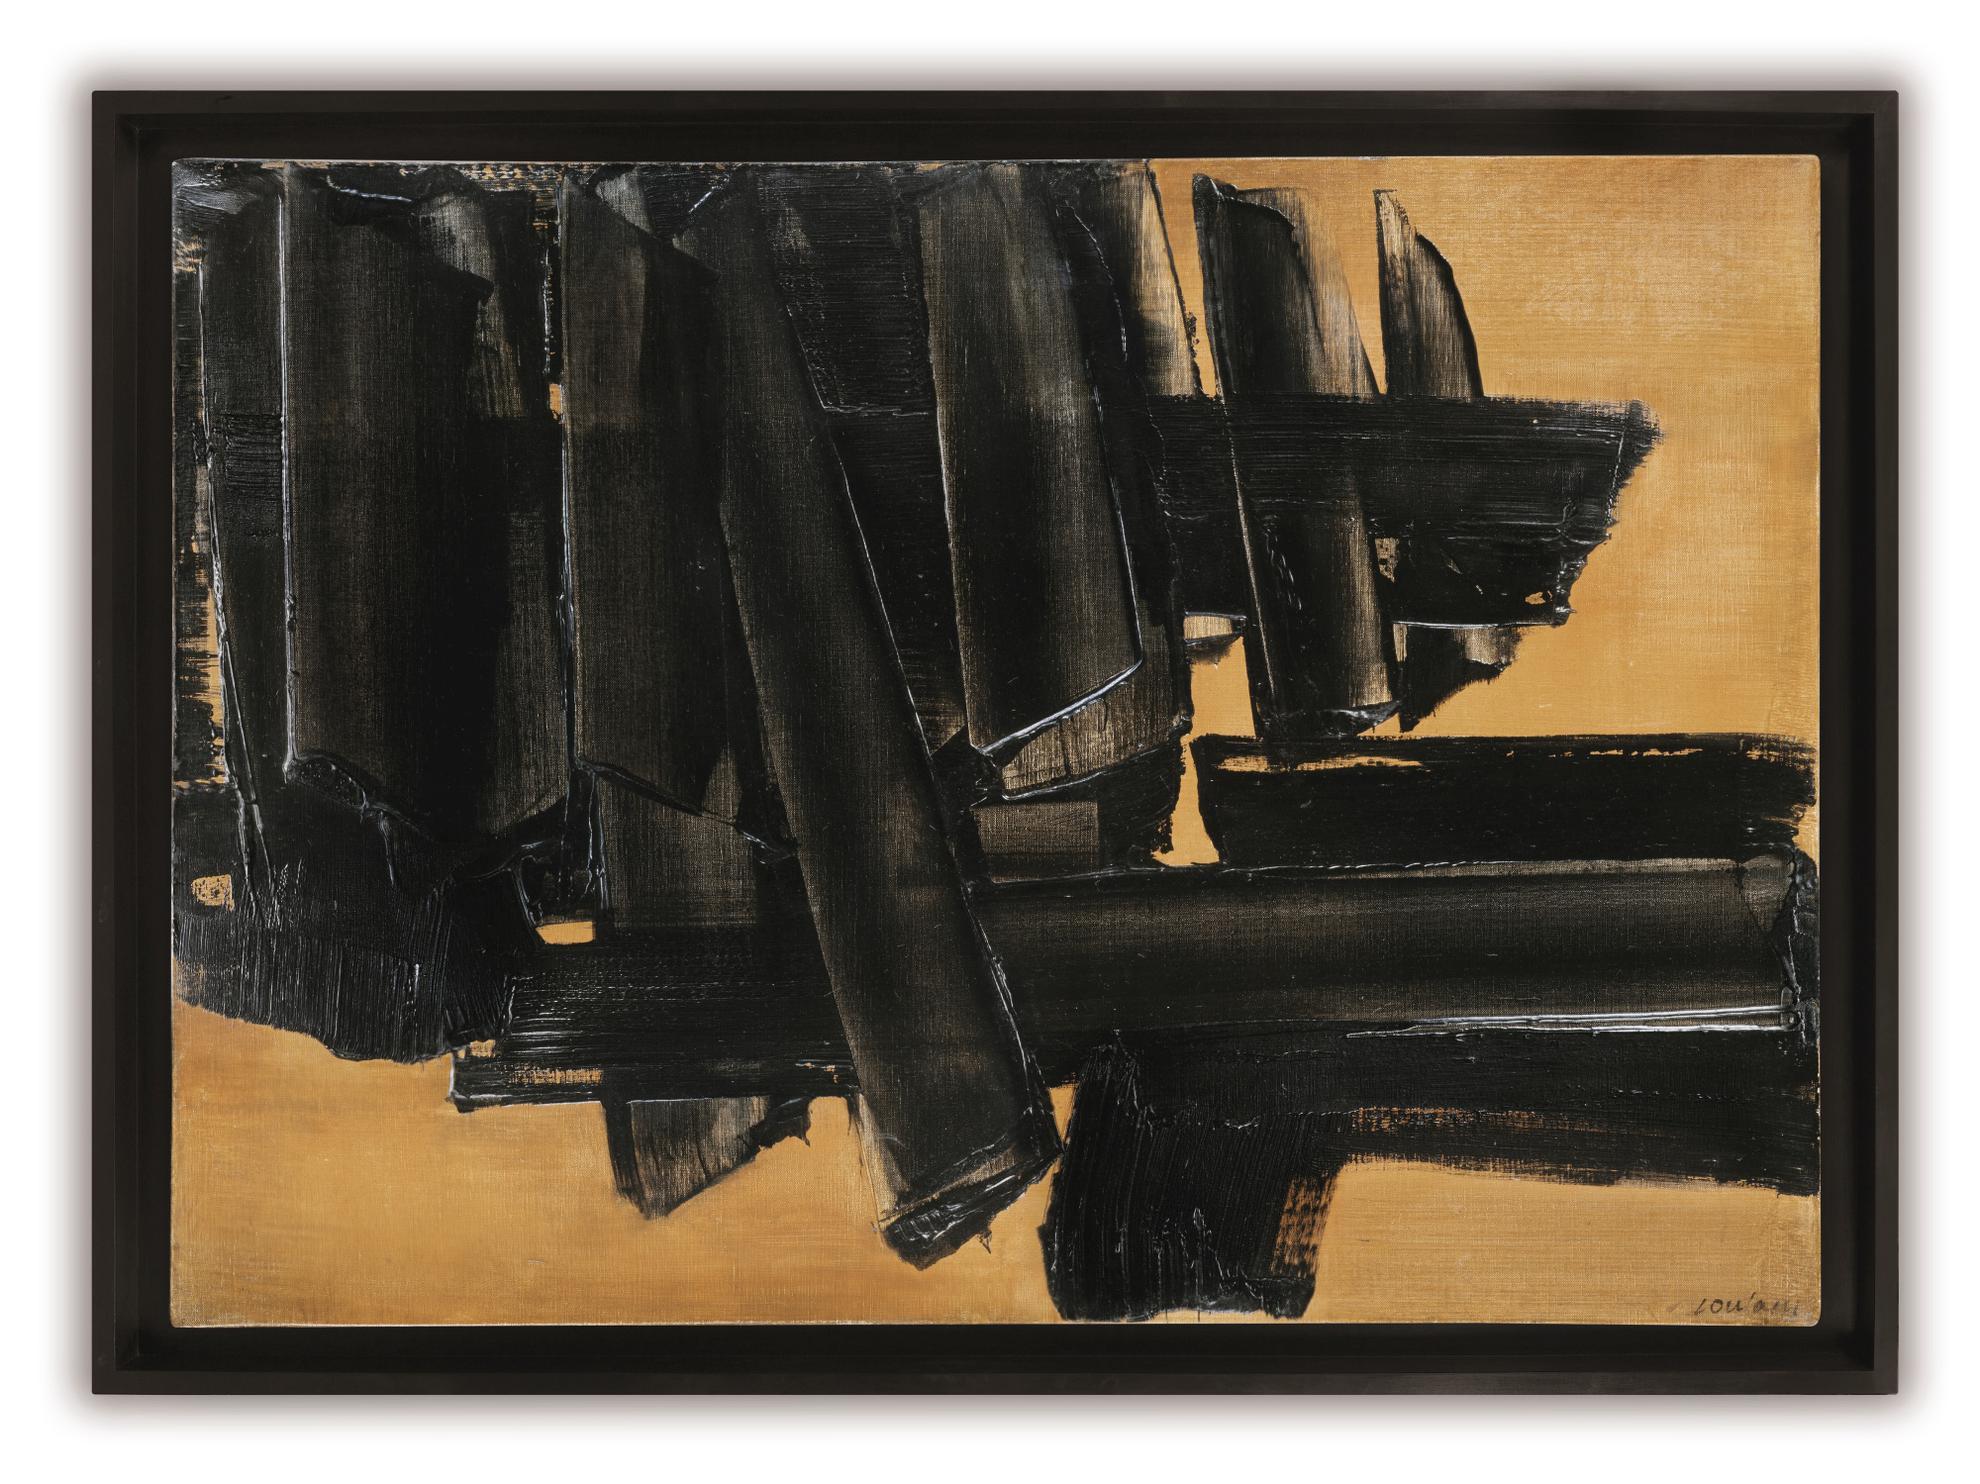 Pierre Soulages-Peinture 65 X 92 Cm, 26 Octobre 1961-1961